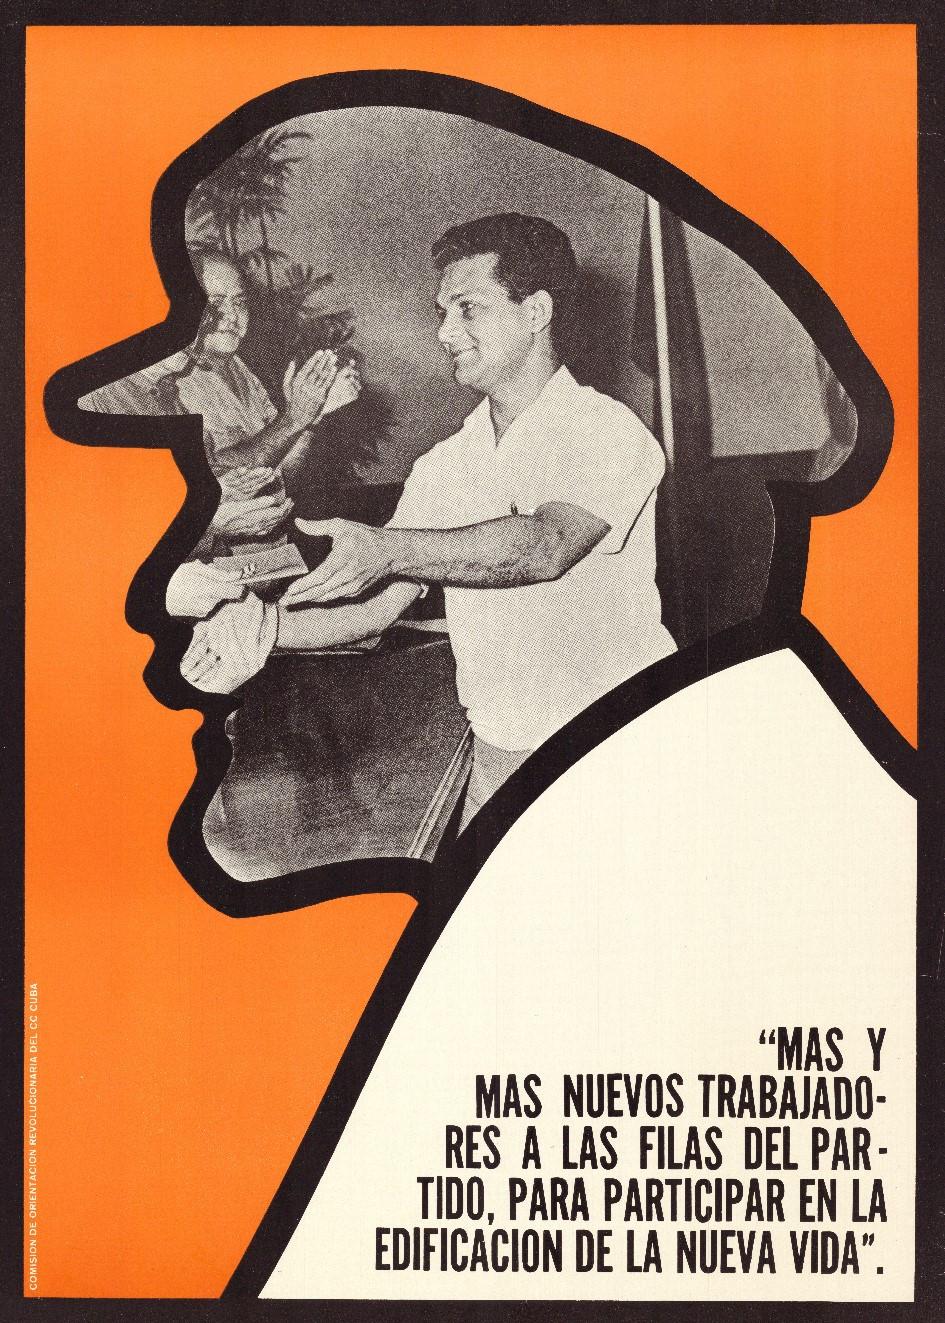 Jesús Forjans, Mas y mas nuevos trabajadores a las filas del partido, para participar en la edificacion de la nueva vida, 1970. Collectie Stedelijk Museum Amsterdam